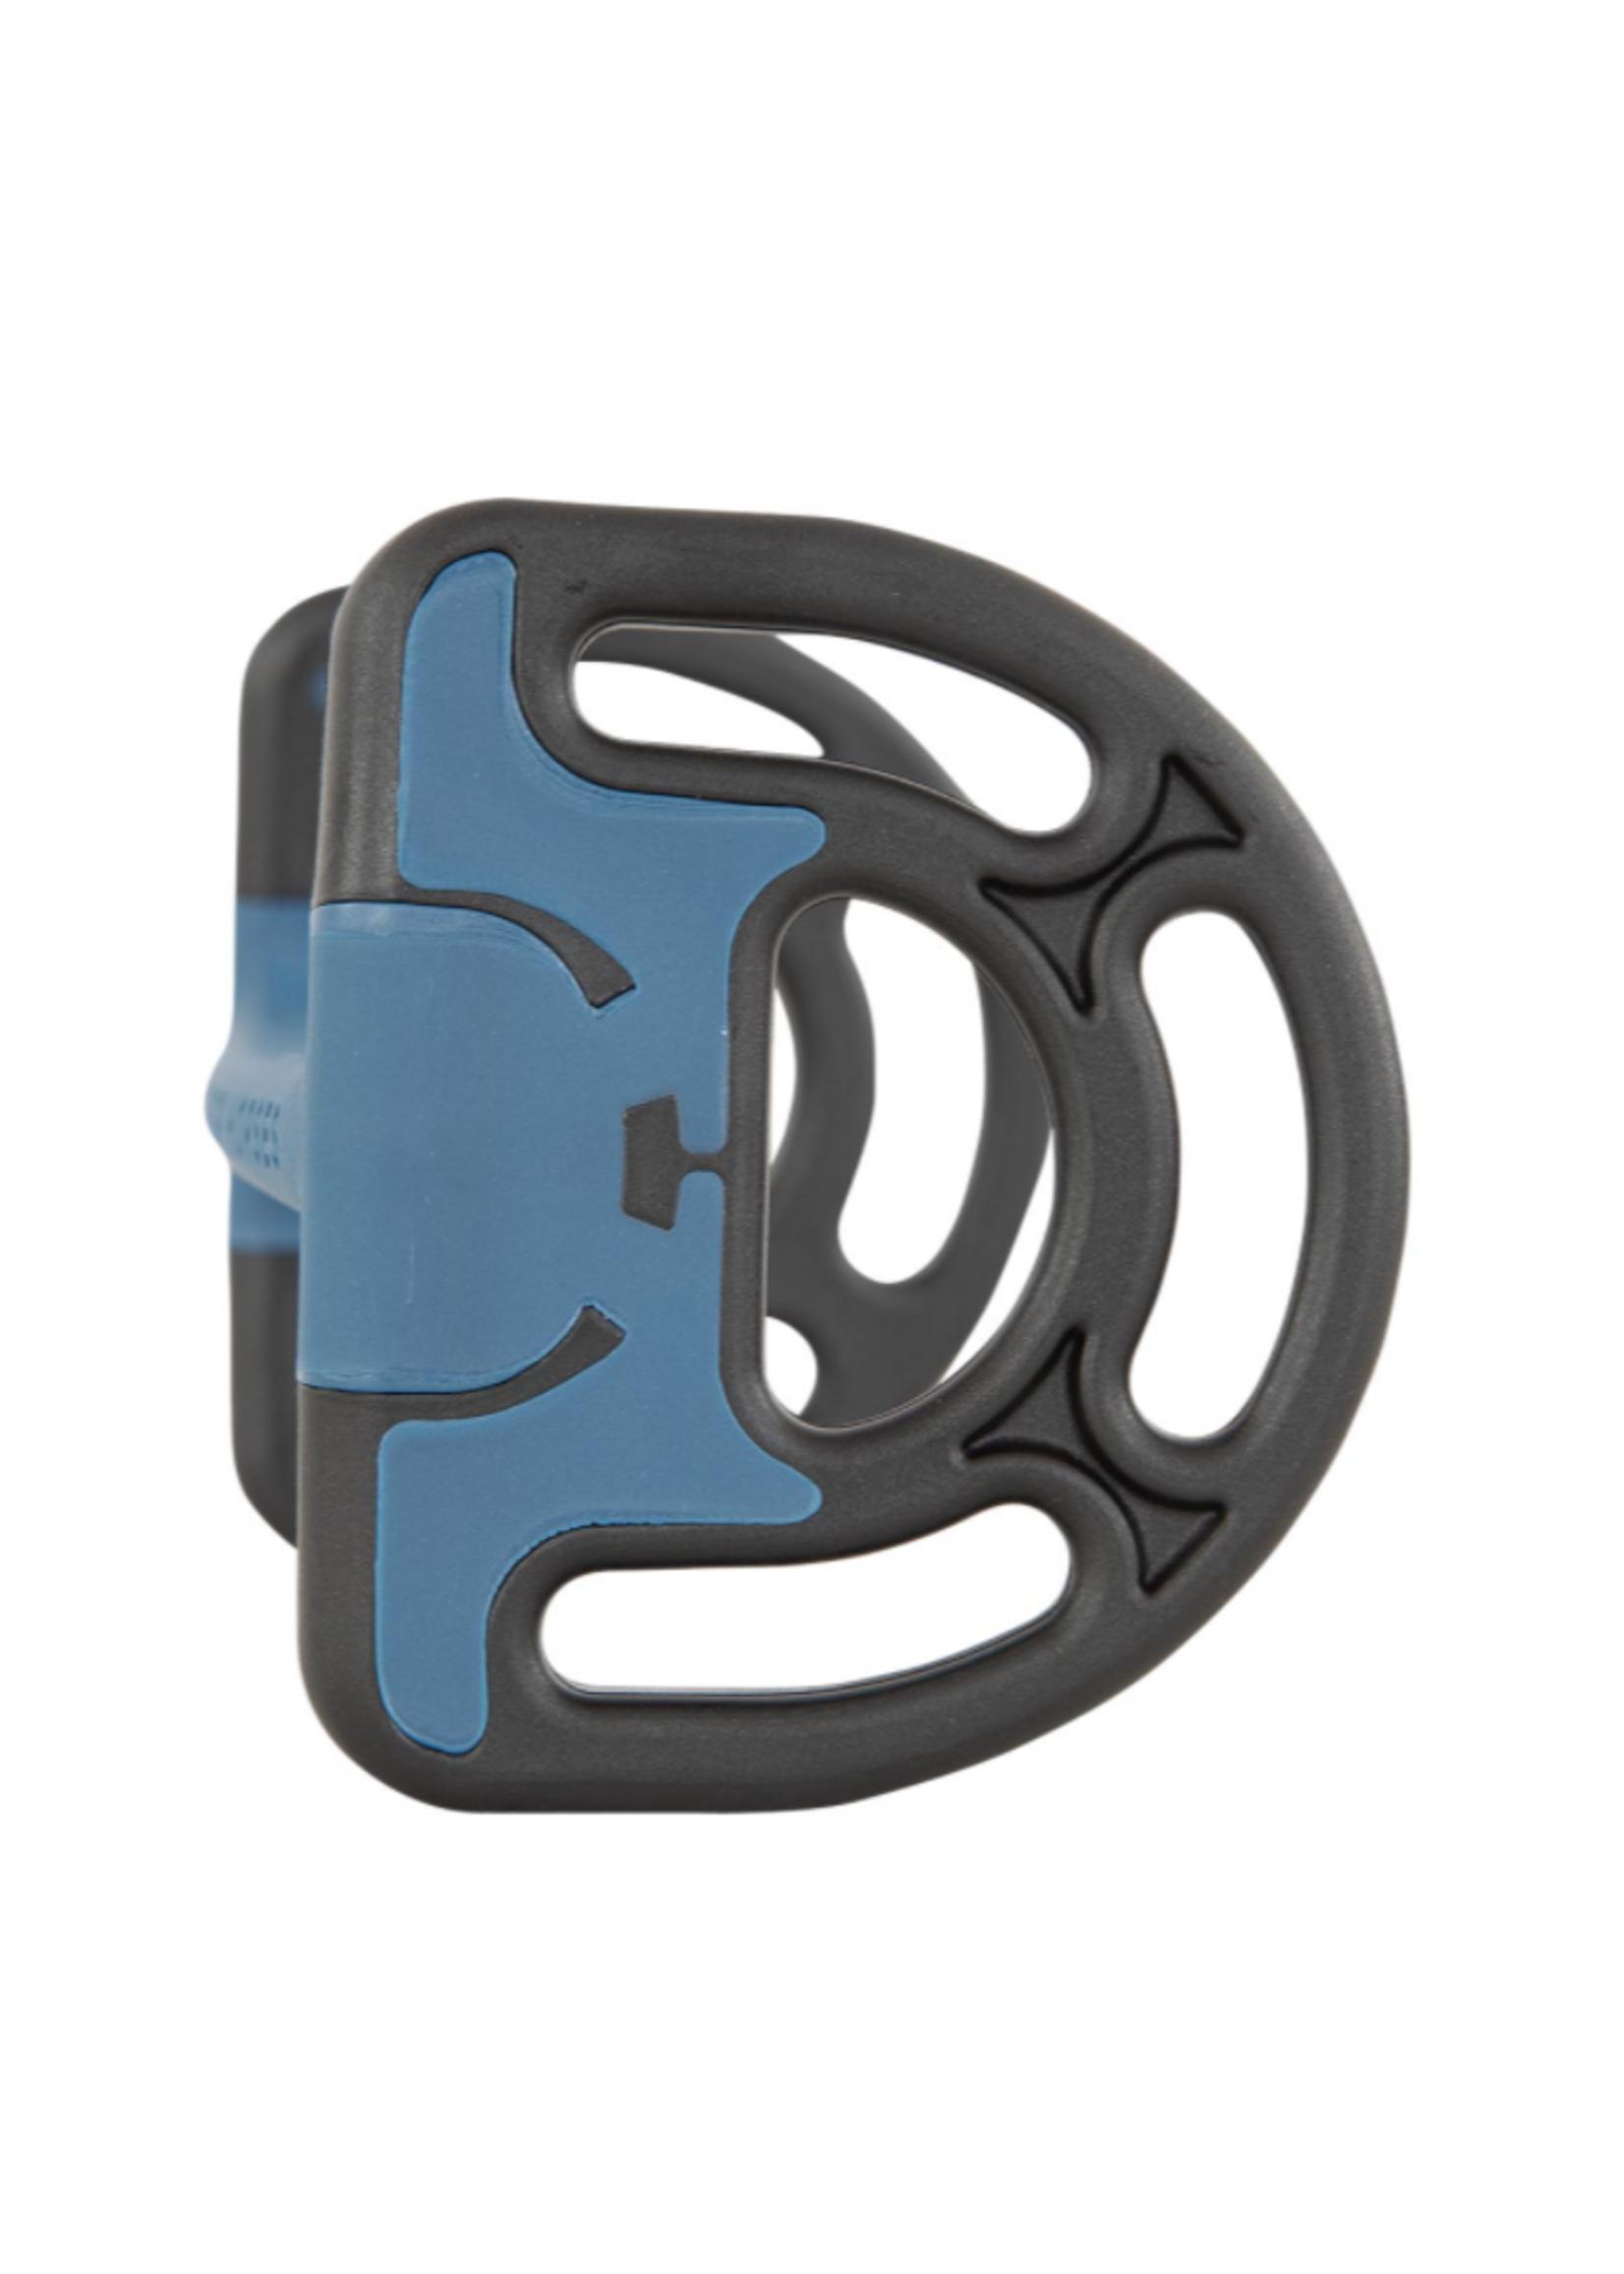 BR BR D, rubber Sensitive bit